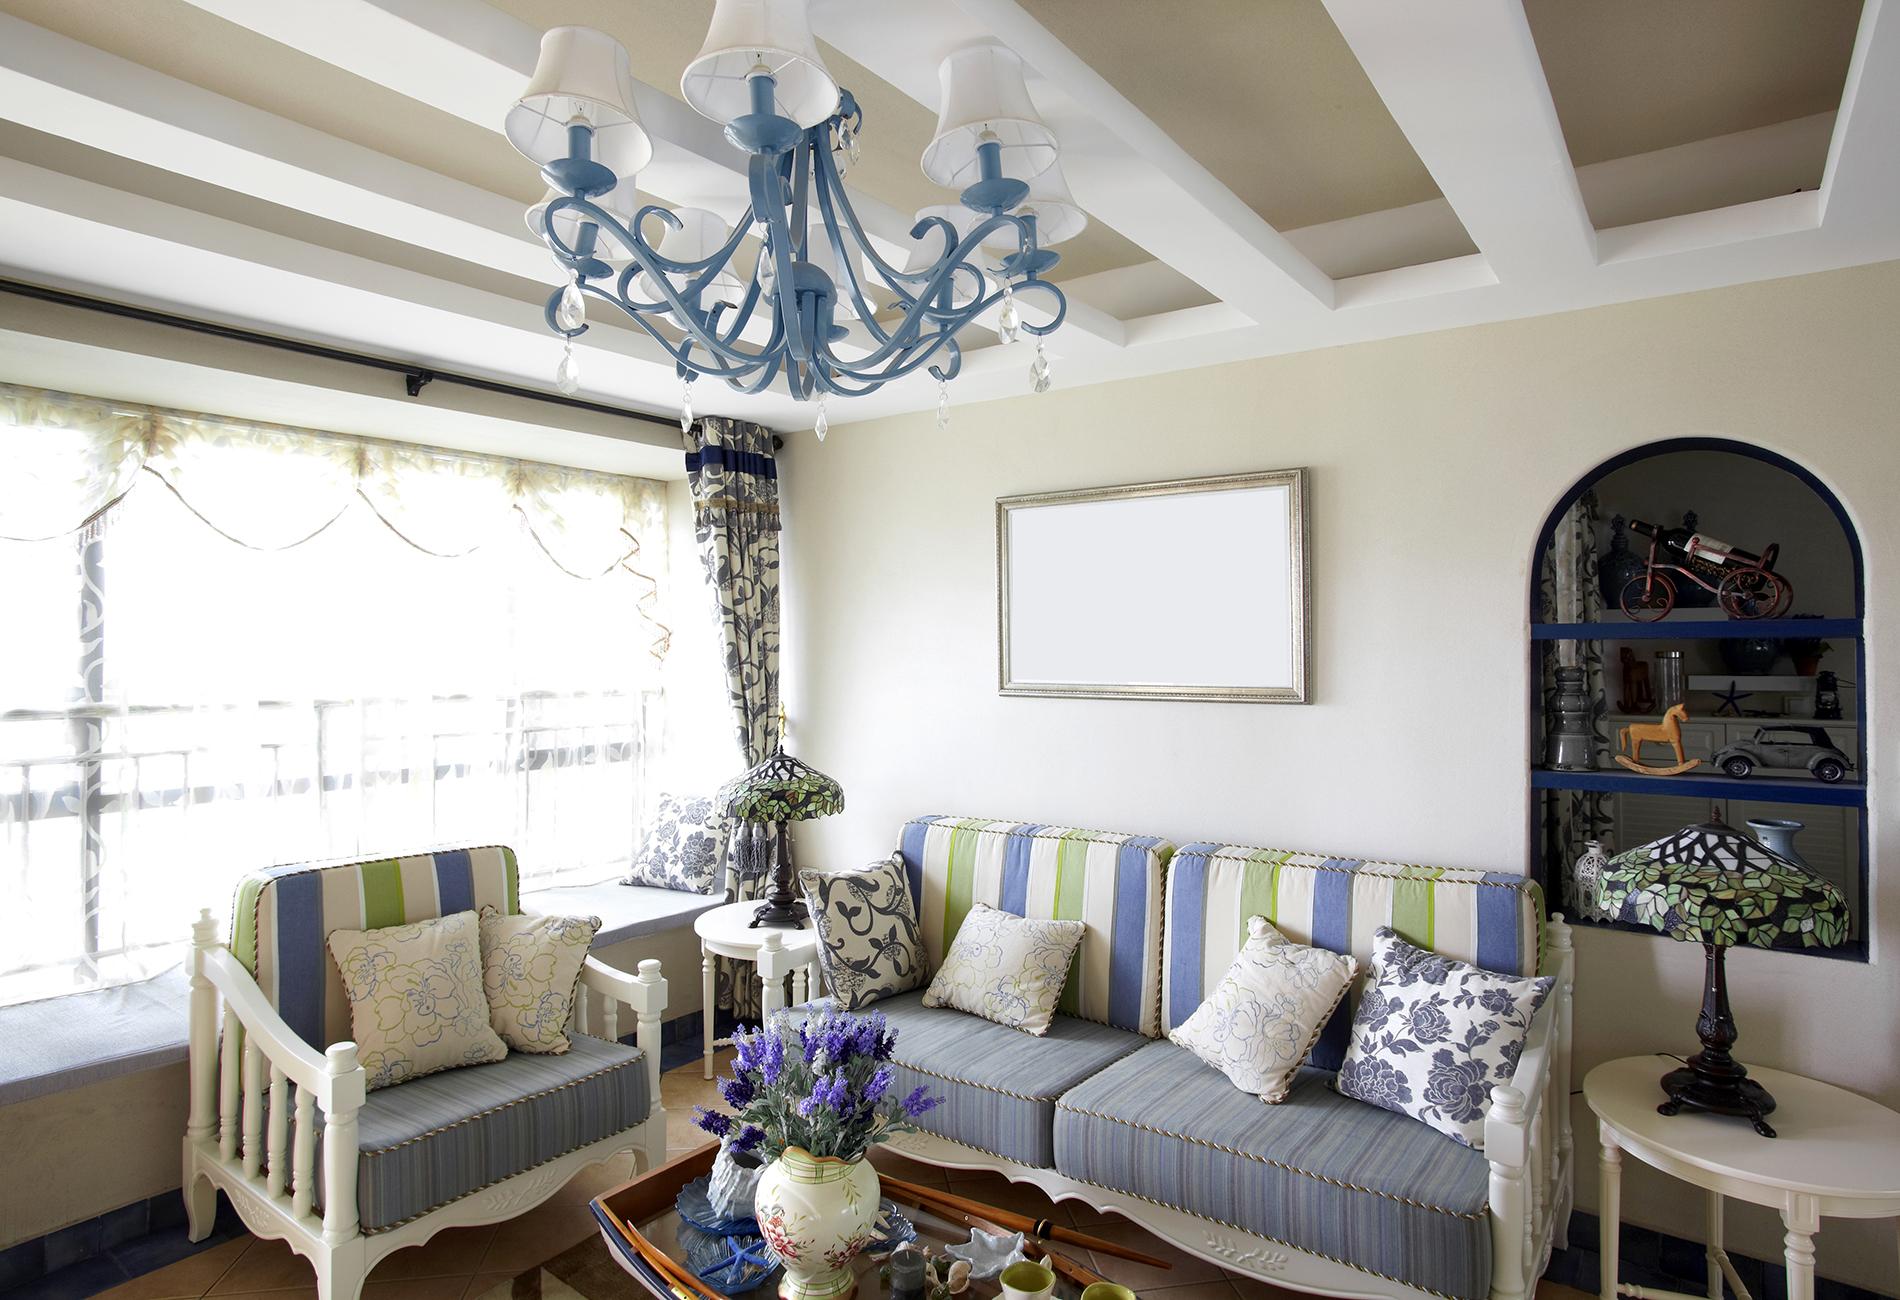 Stil uređenja kuće: mediteranski stil – od Španjolske do Grčke - Gradnja kuće